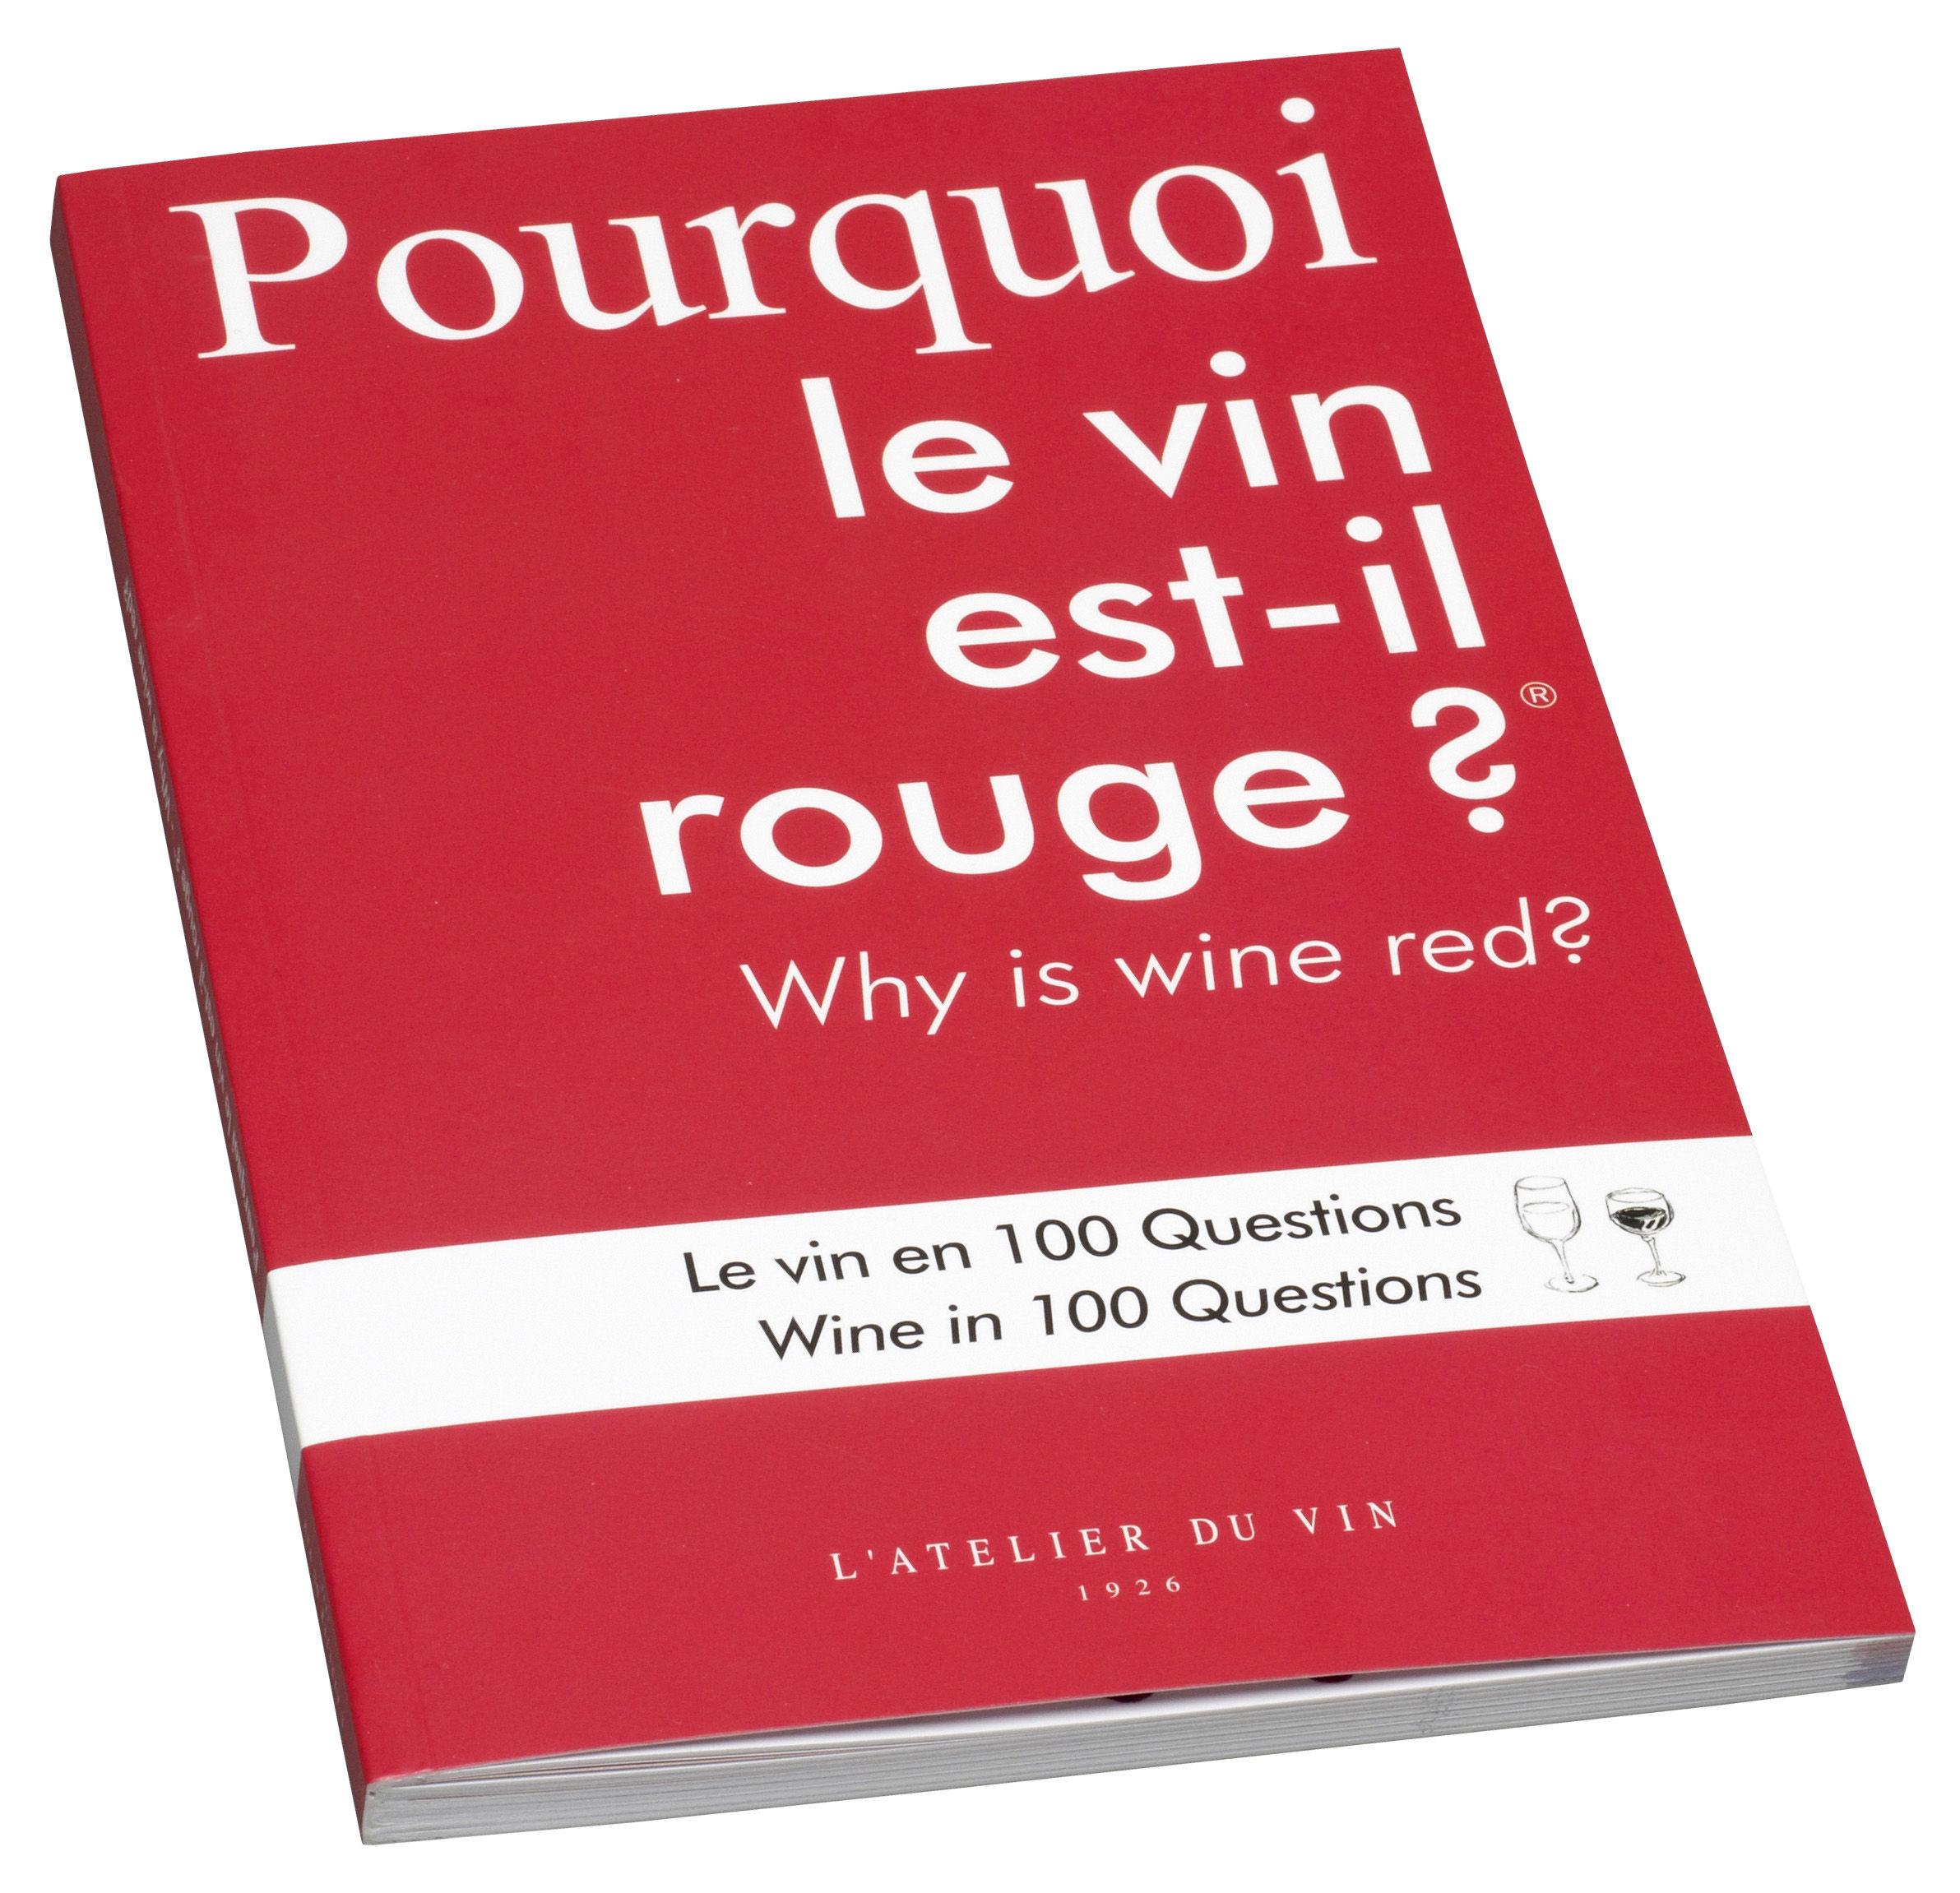 Accessori moda - Libri e Dvd - Libro Pourquoi le vin est-il rouge ? di L'Atelier du Vin - Rosso -